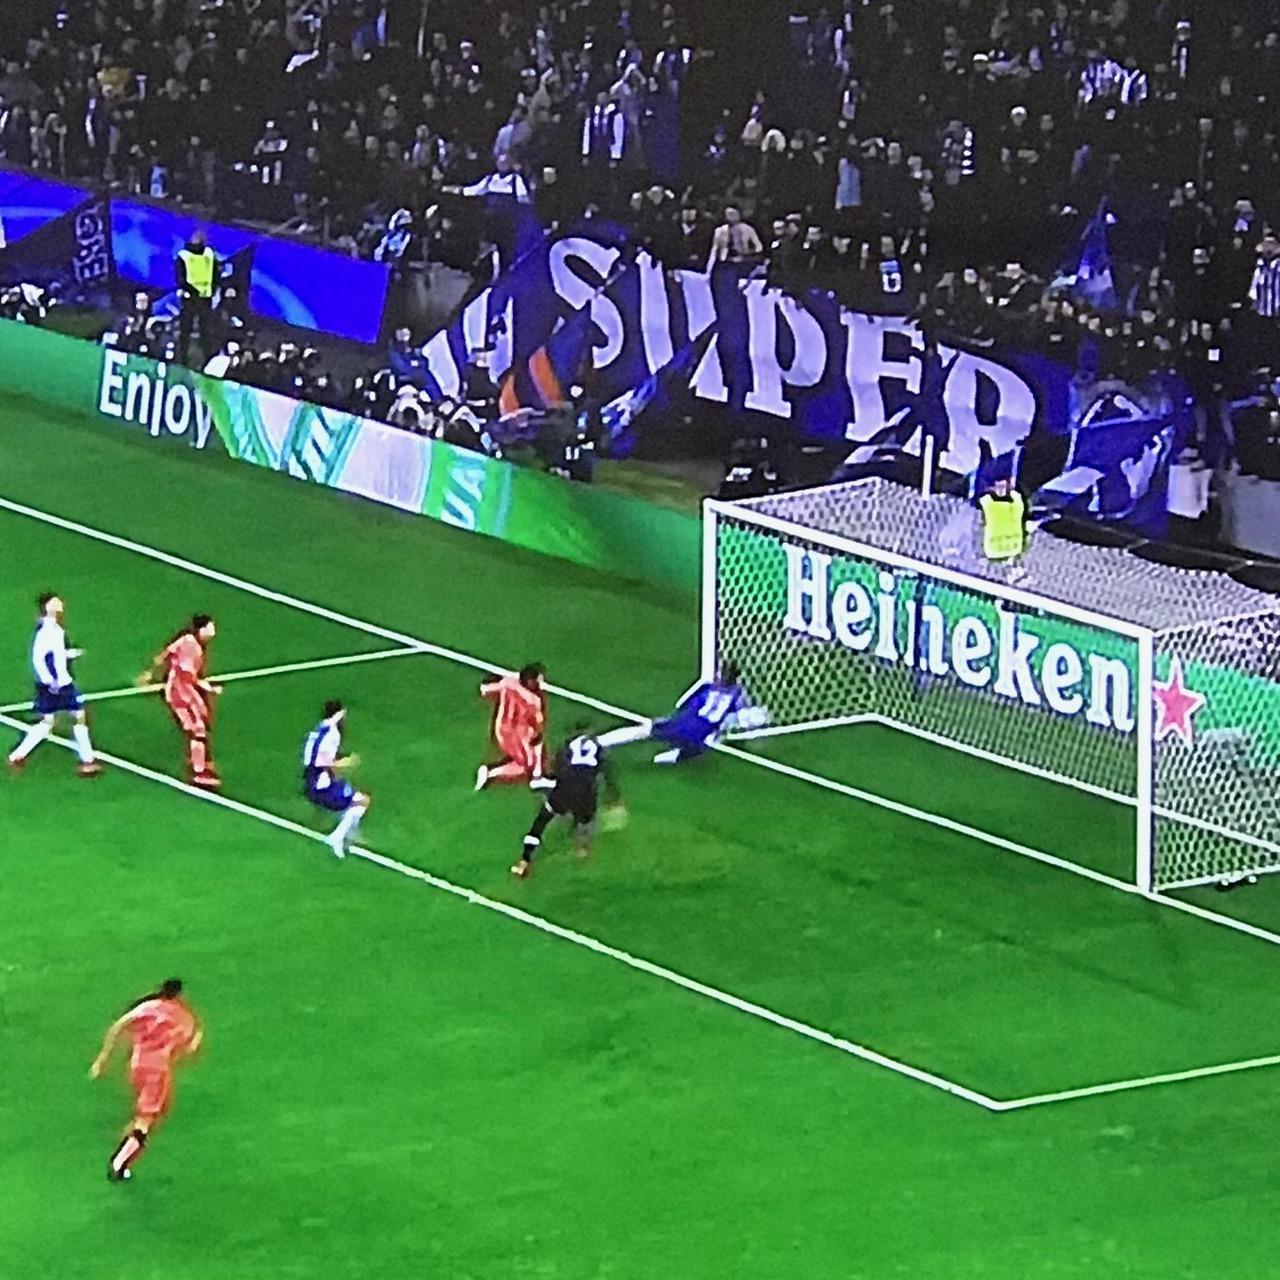 Mo Salah's incredible goal against Porto.